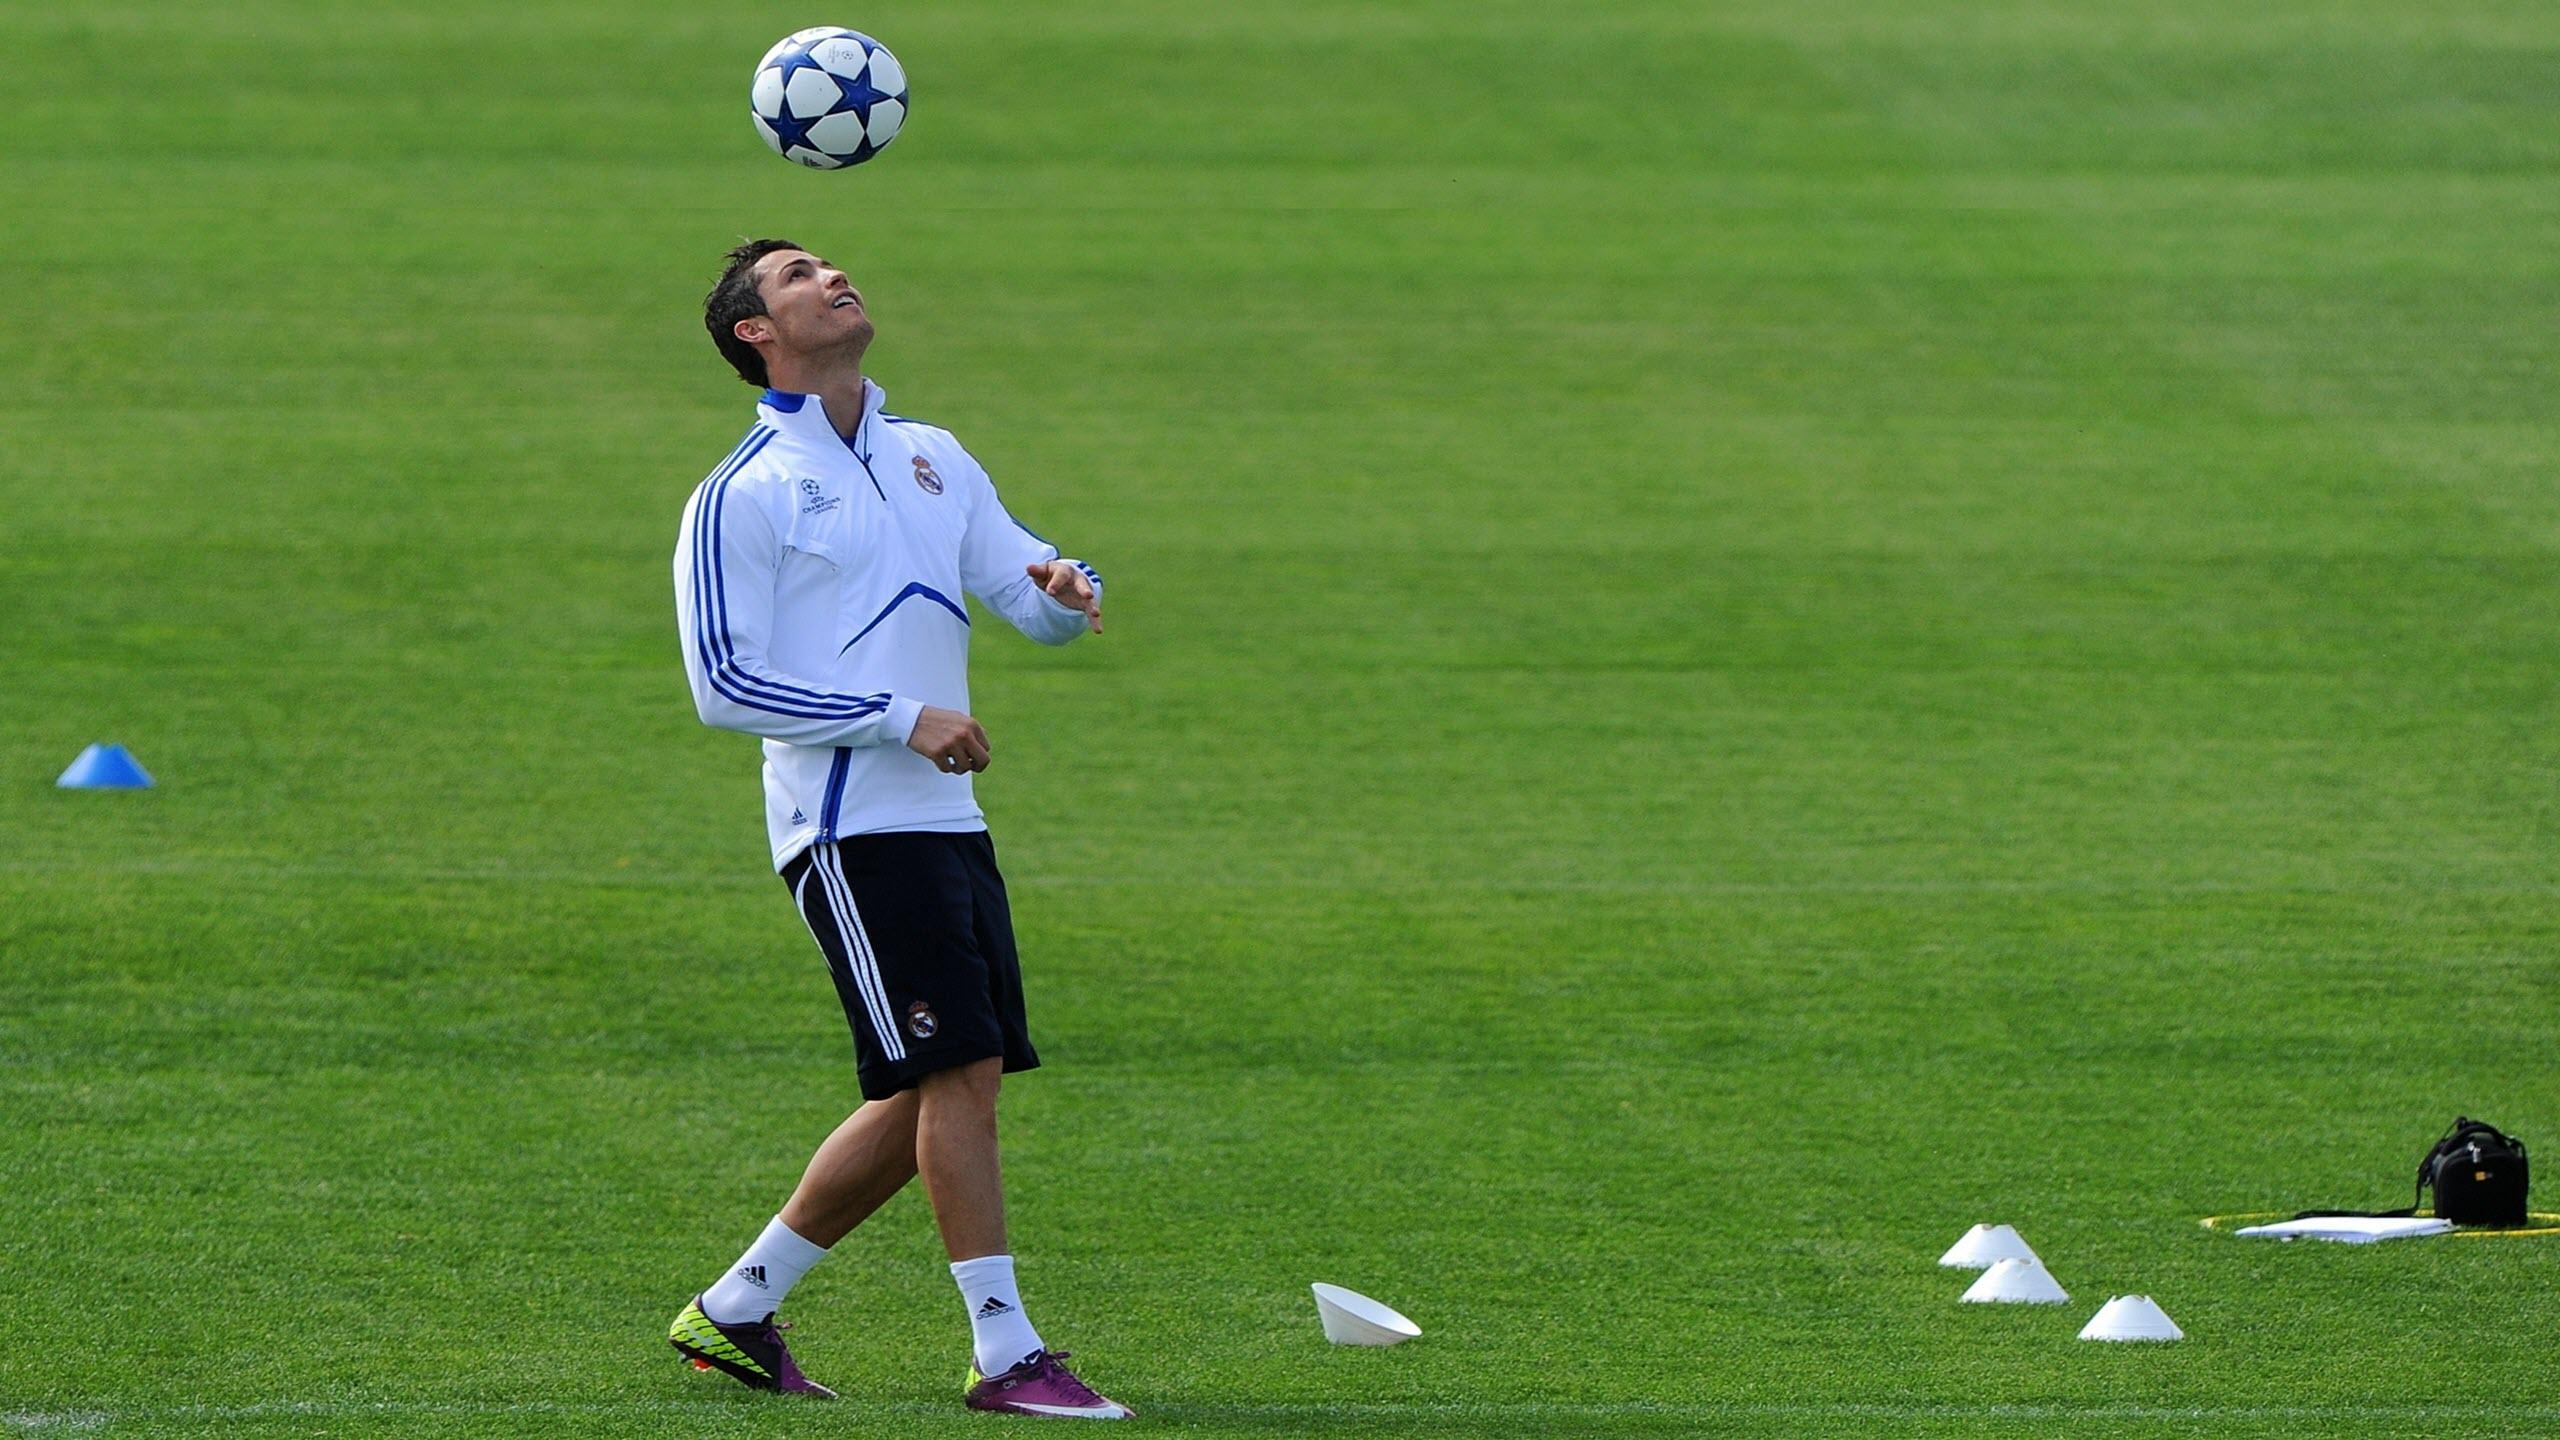 Hình nền cầu thủ cristiano ronaldo tập bóng